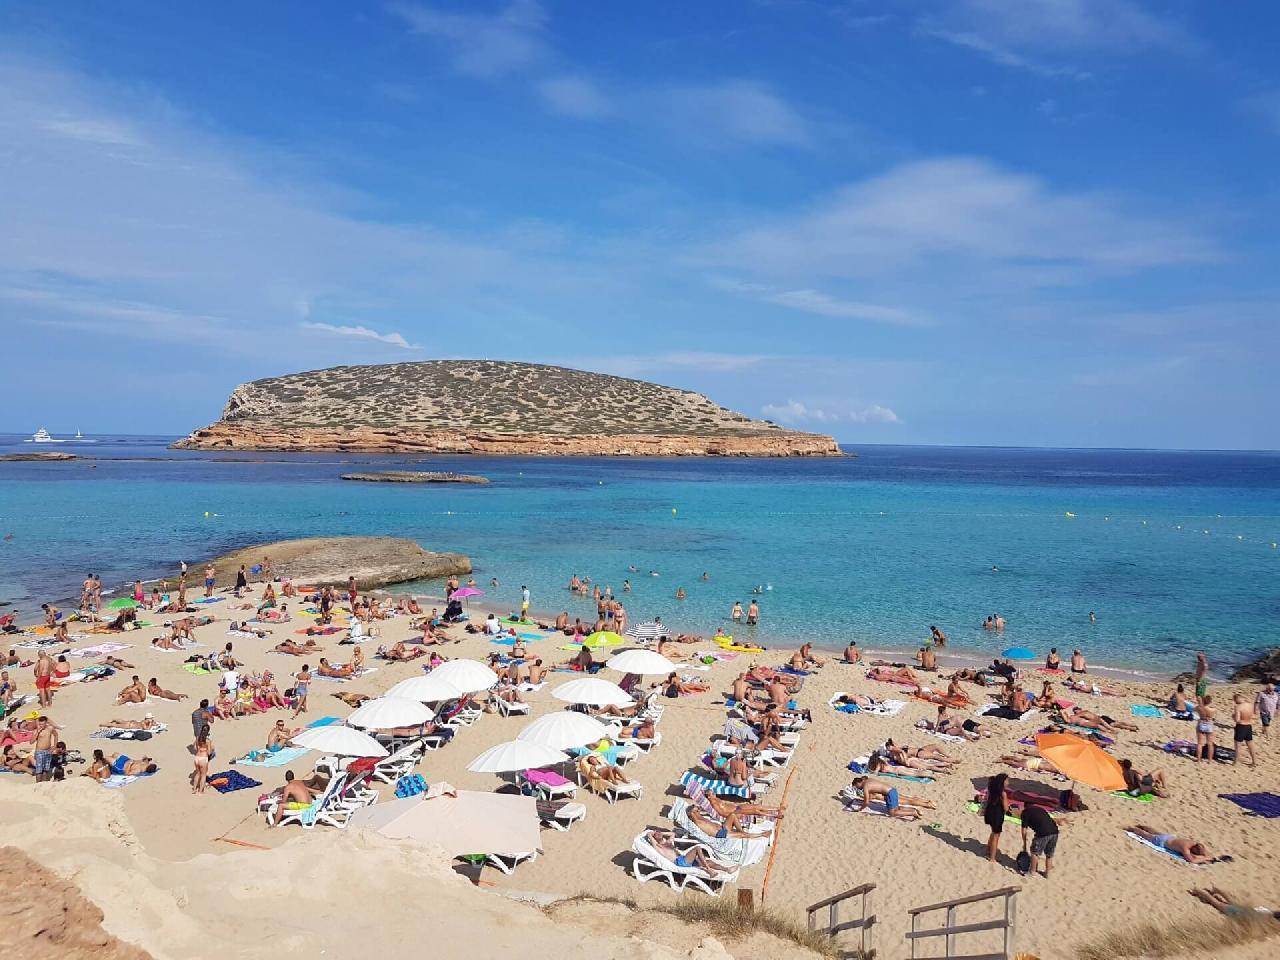 Spain Launches Campaigns to Guarantee It Is a Safe Summer Tourism  Destination - SchengenVisaInfo.com